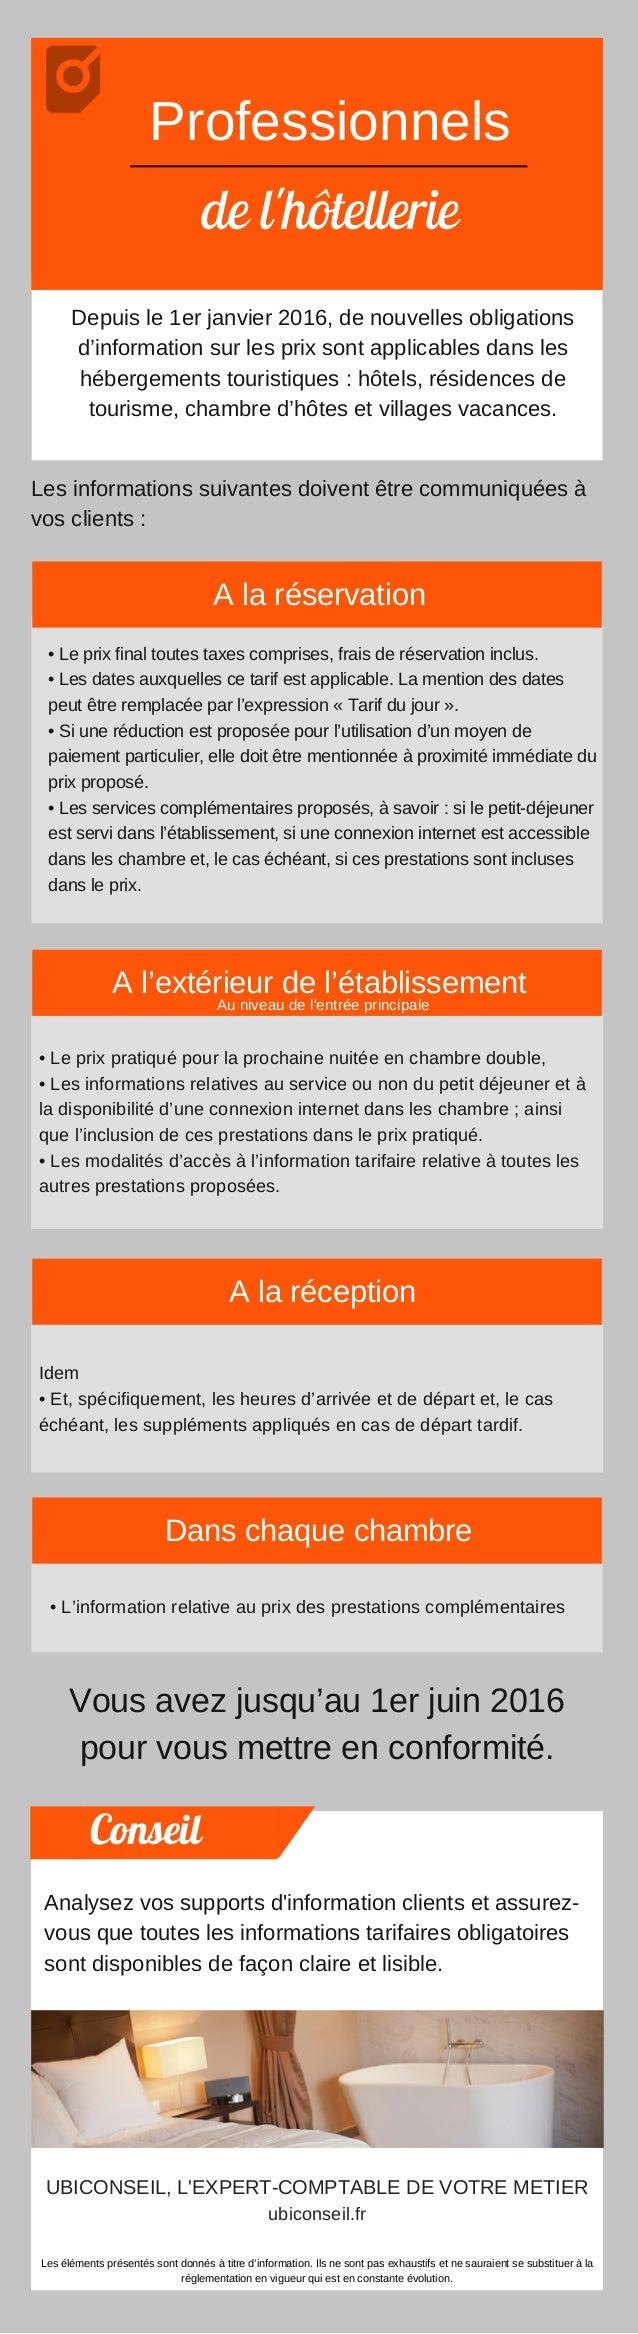 Professionnels de l'hôtellerie Depuisle1erjanvier2016,denouvellesobligations d'informationsurlesprixsontapplic...